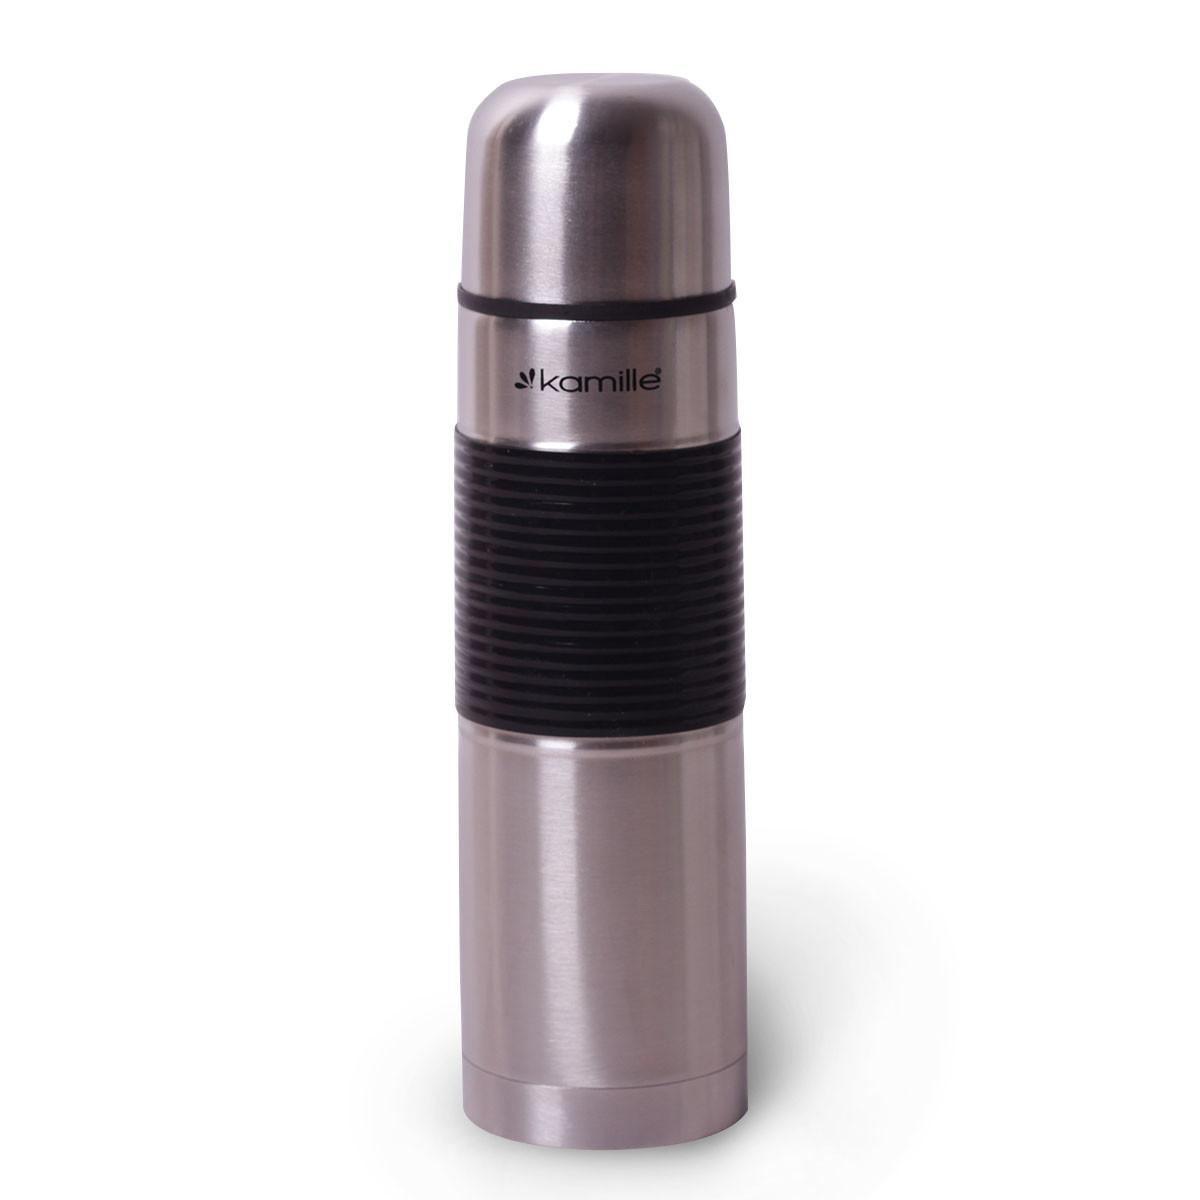 Термос для напитков Kamille 500 мл из нержавеющей стали с прорезиненной вставкой на корпусе, питьевой термос